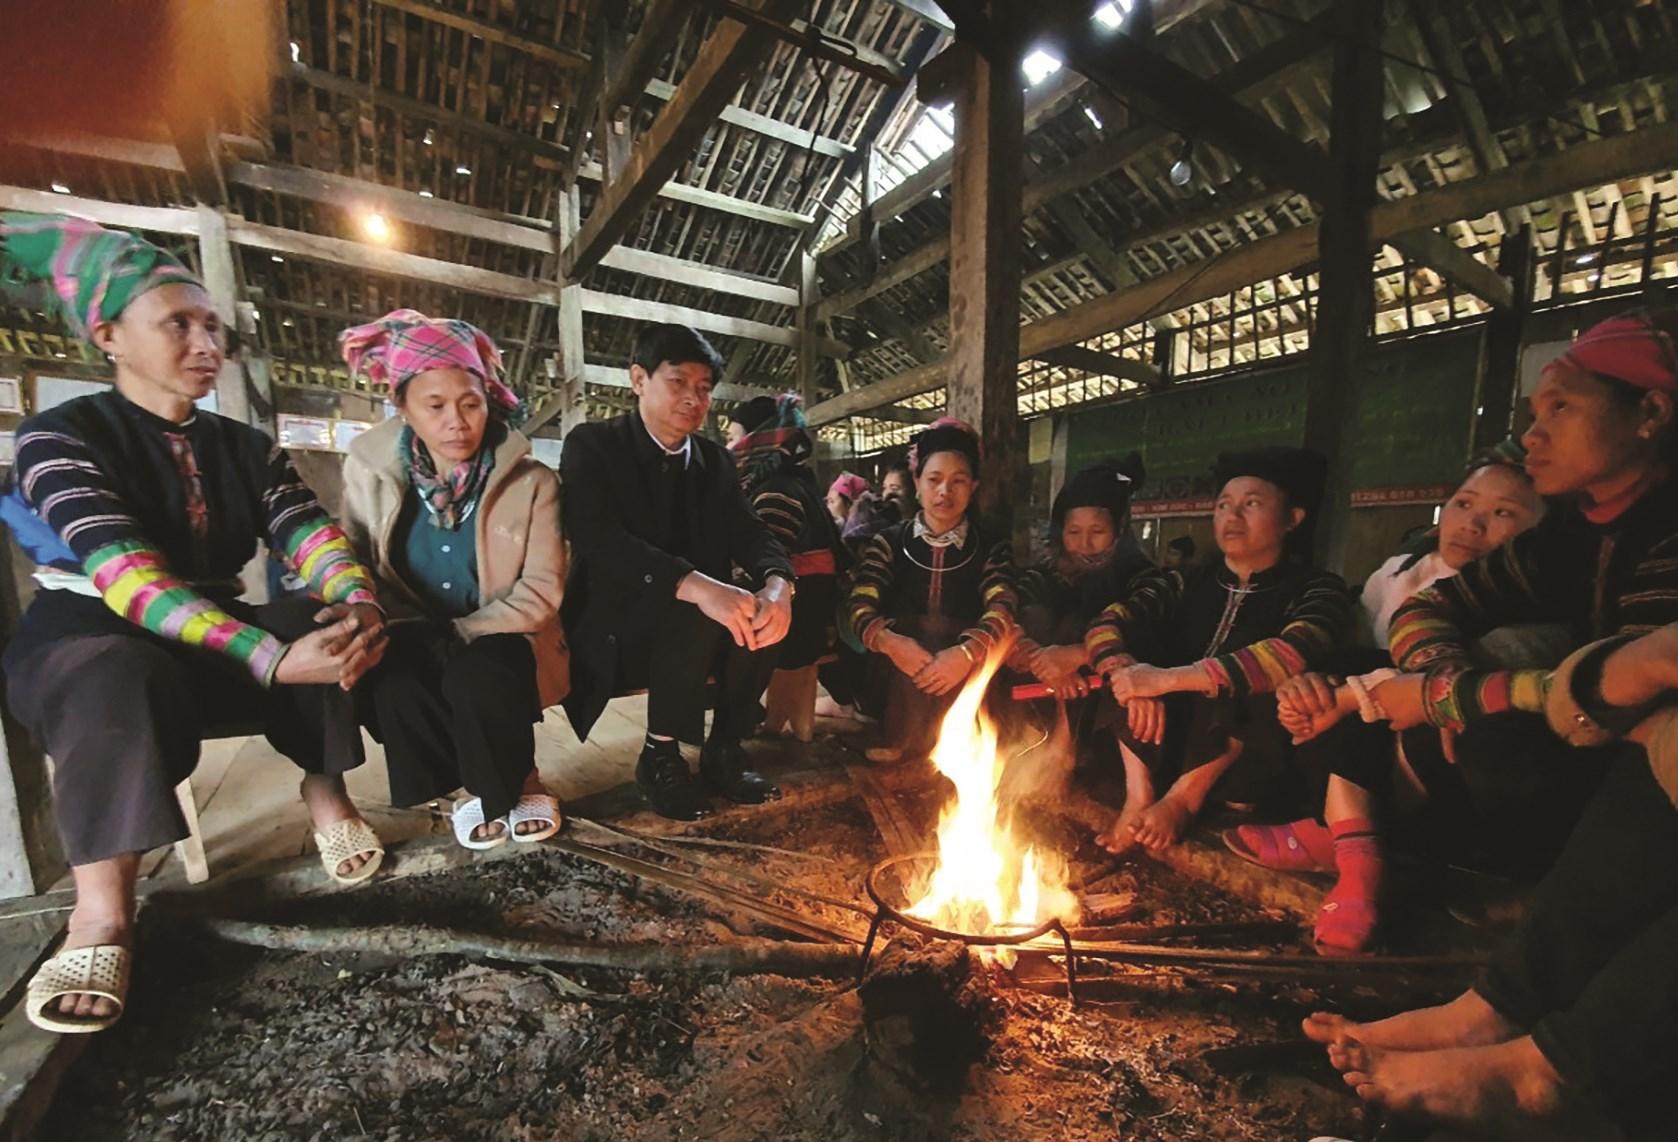 Ông Bế Văn Hùng (thứ ba từ trái sang) trò chuyện với đồng bào Lô Lô trong chuyến khảo sát tại xóm Khuổi Khon, xã Kim Cúc, huyện Bảo Lạc mới đây.